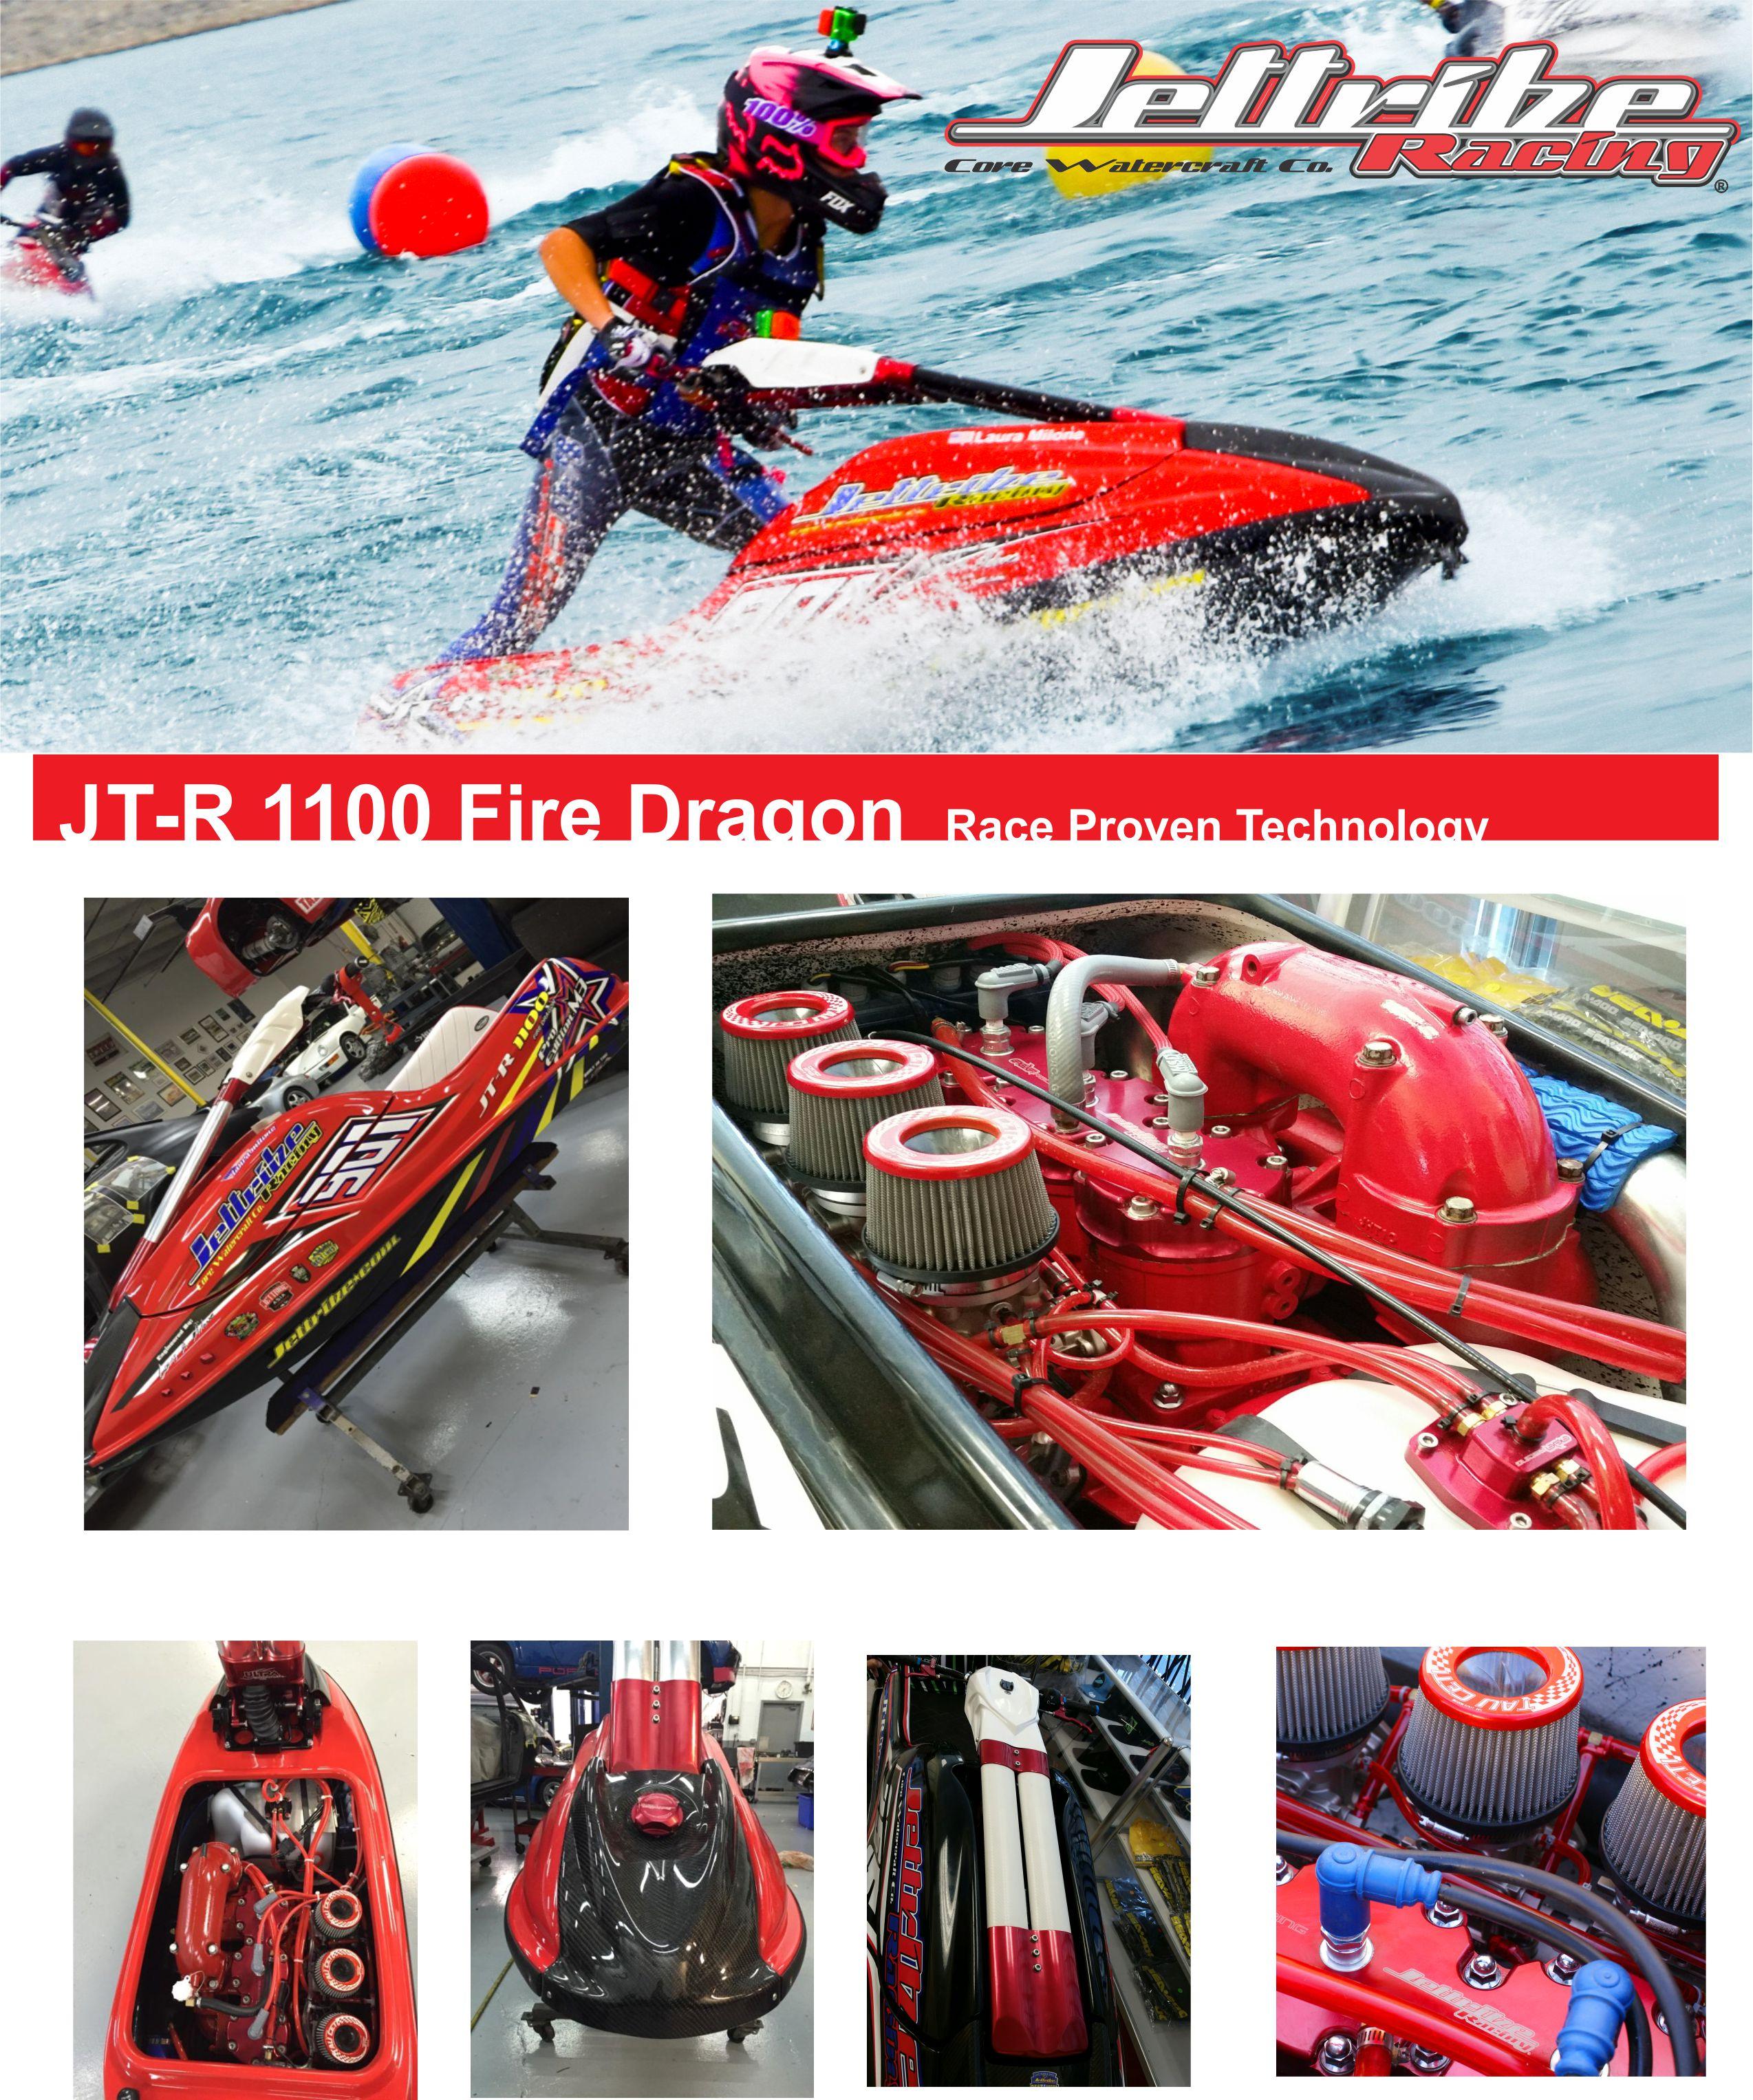 jtr-1100-fire-dragon-spec-sheet-final-jpg-website2.jpg